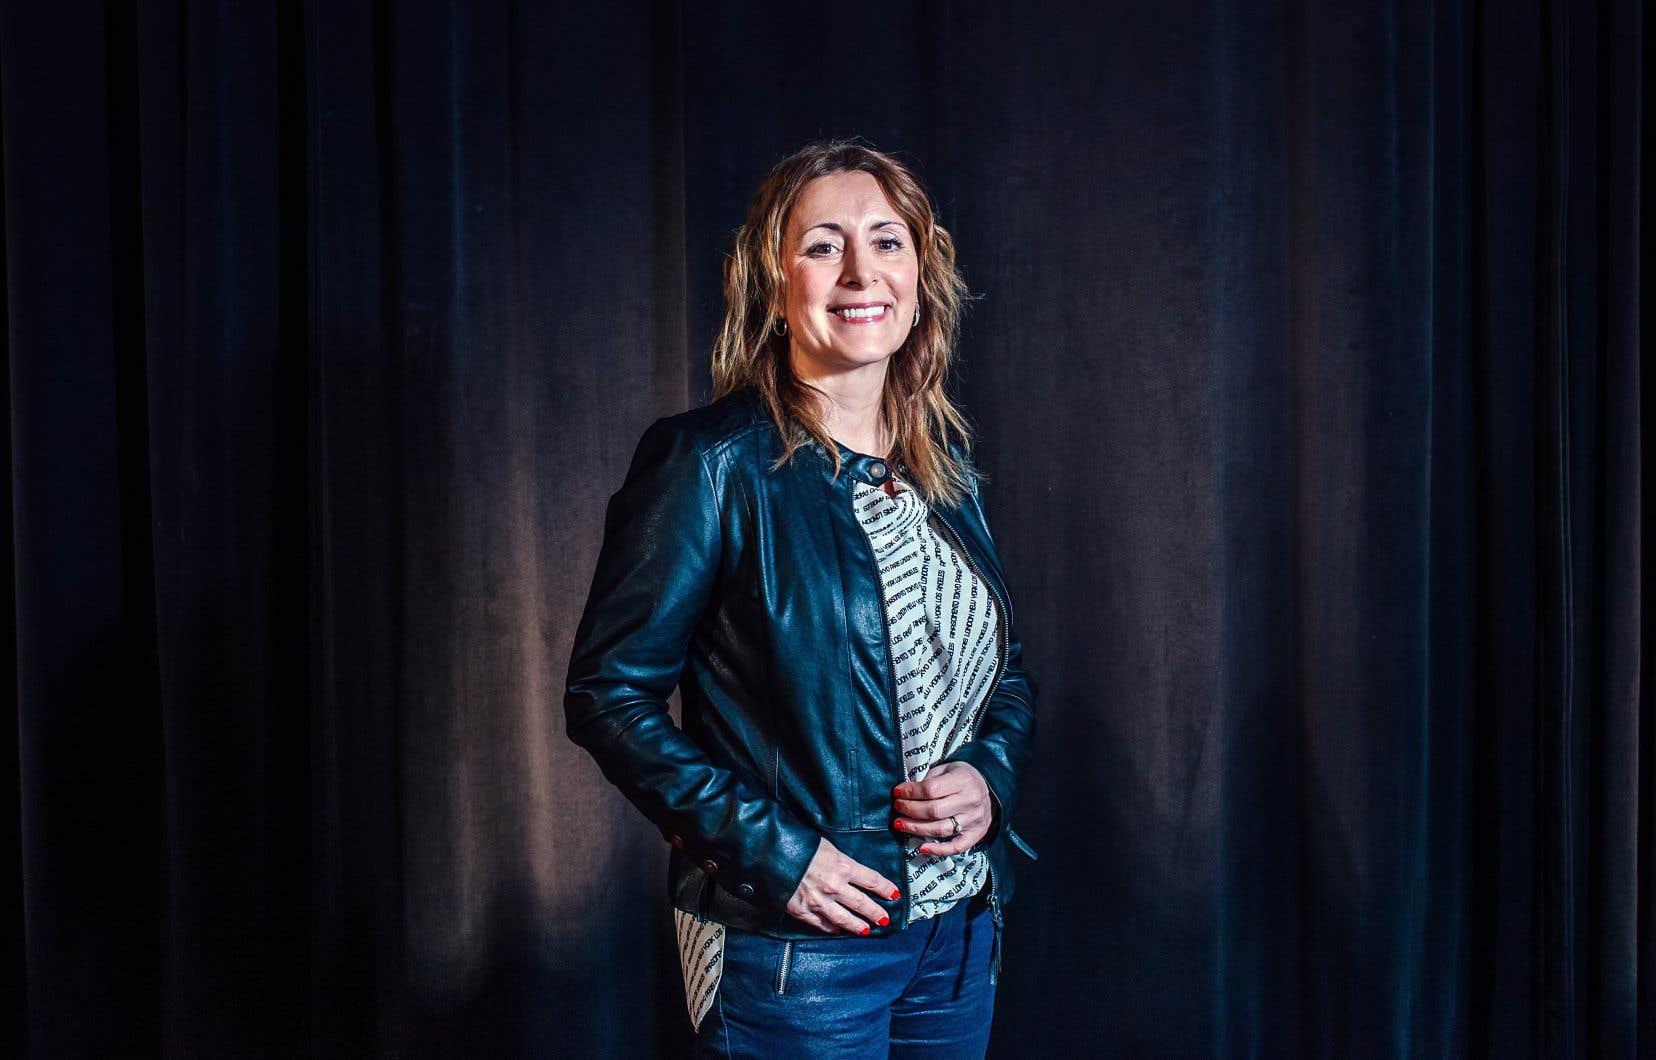 Les mots de la scénariste Chantal Cadieux donneront vie aux personnages d'«Une autre histoire».